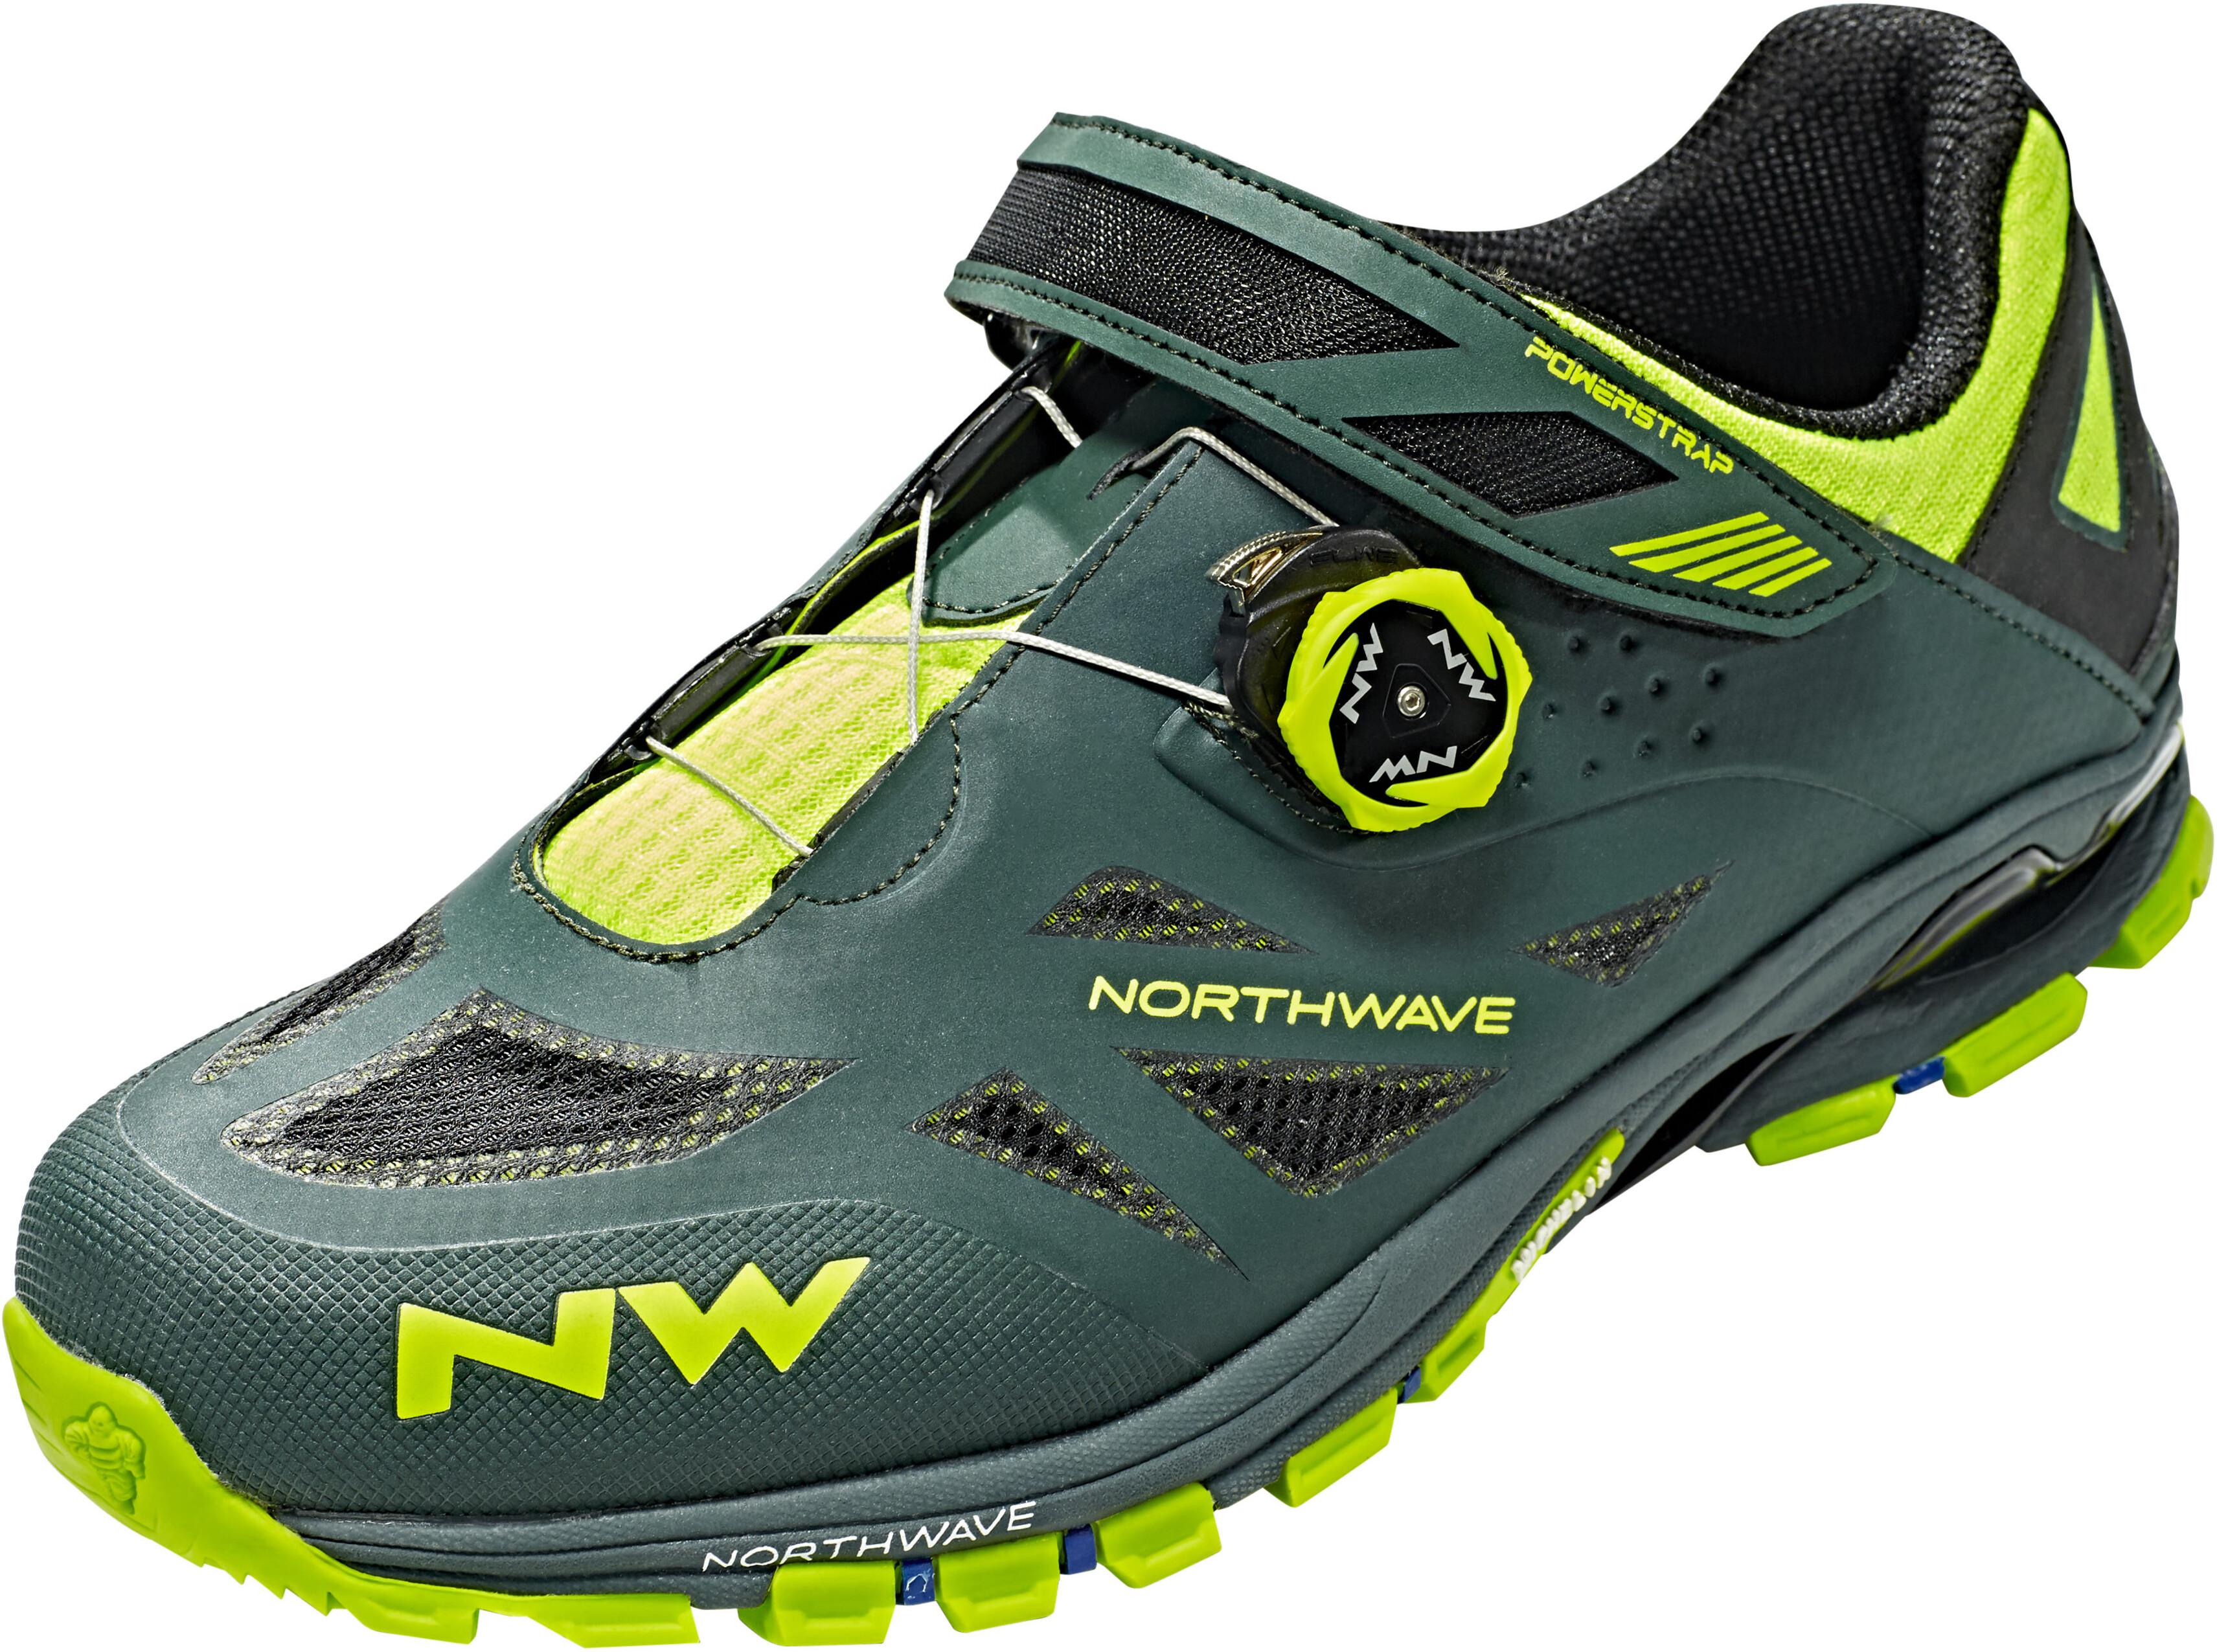 942a6b2fb77 Northwave Spider Plus 2 - Chaussures Homme - jaune vert - Boutique ...